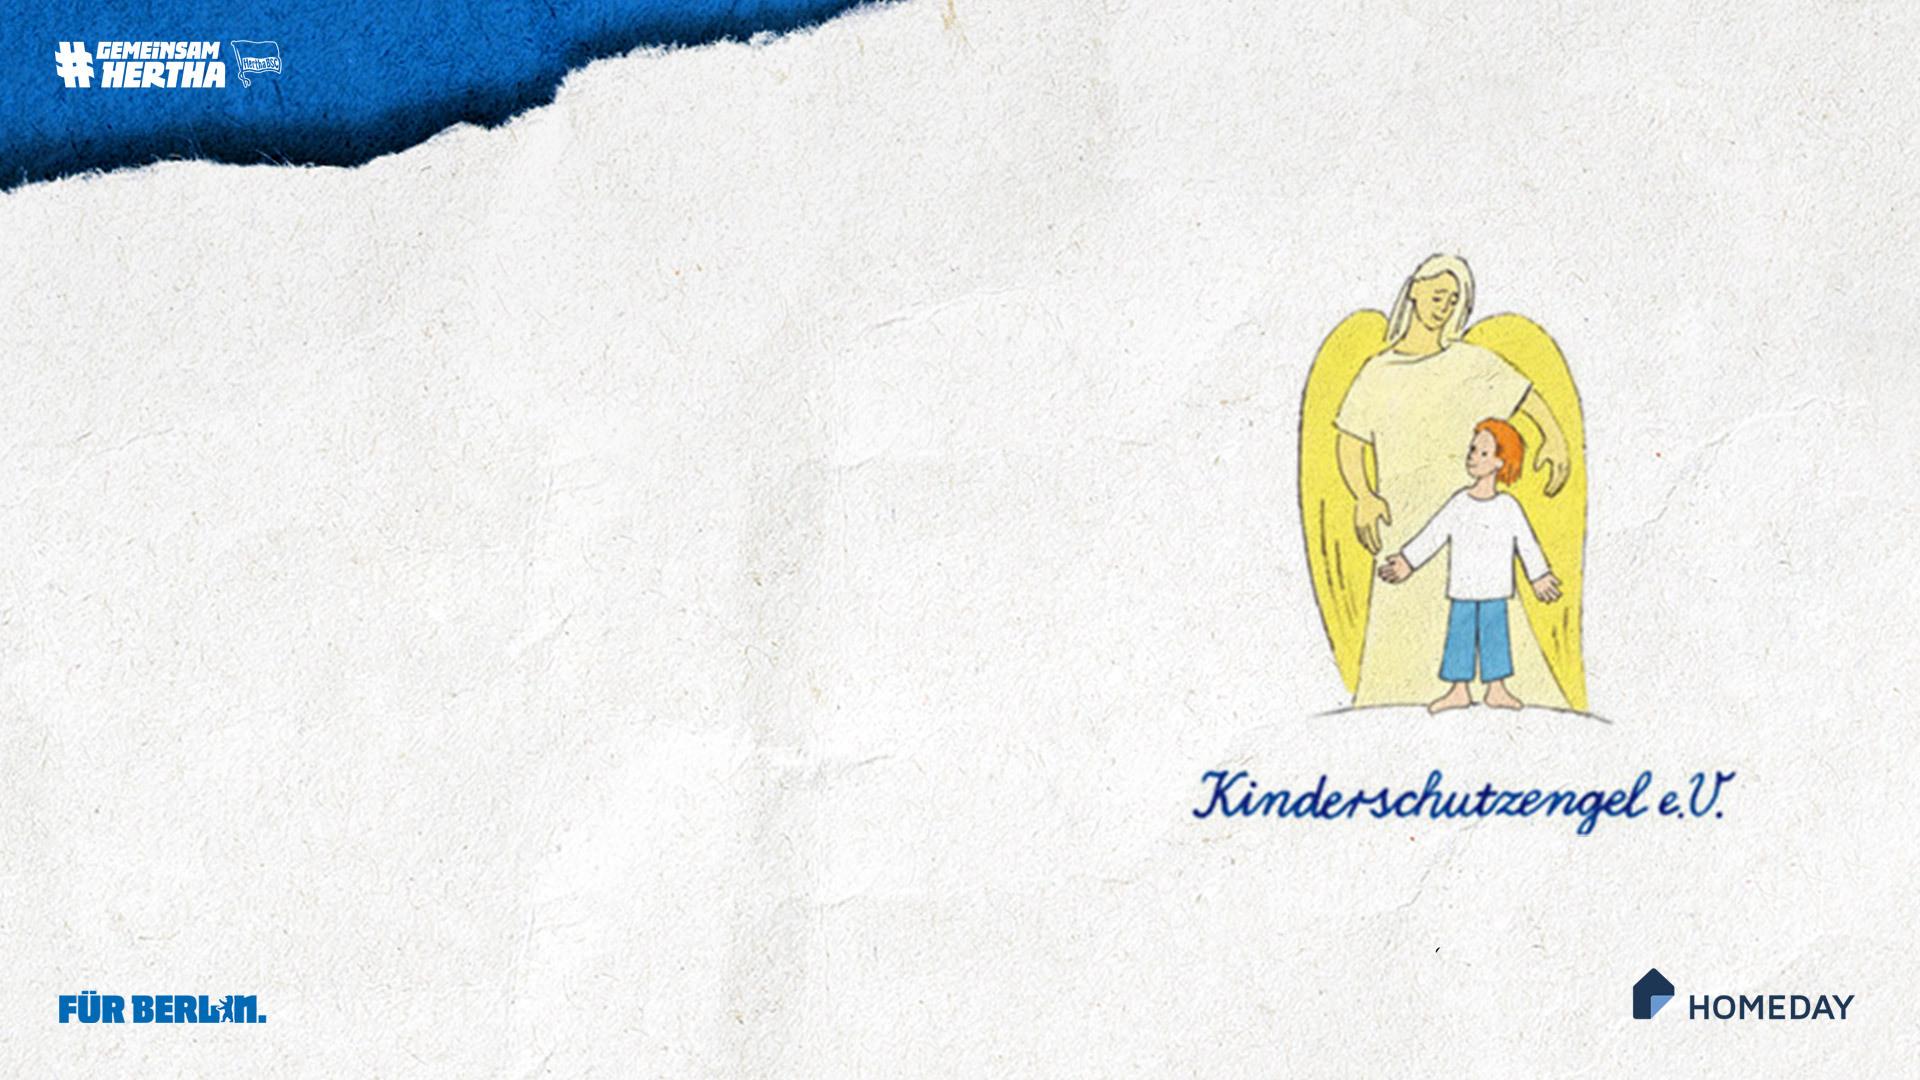 Das Logo von Kinderschutzengel e.V.